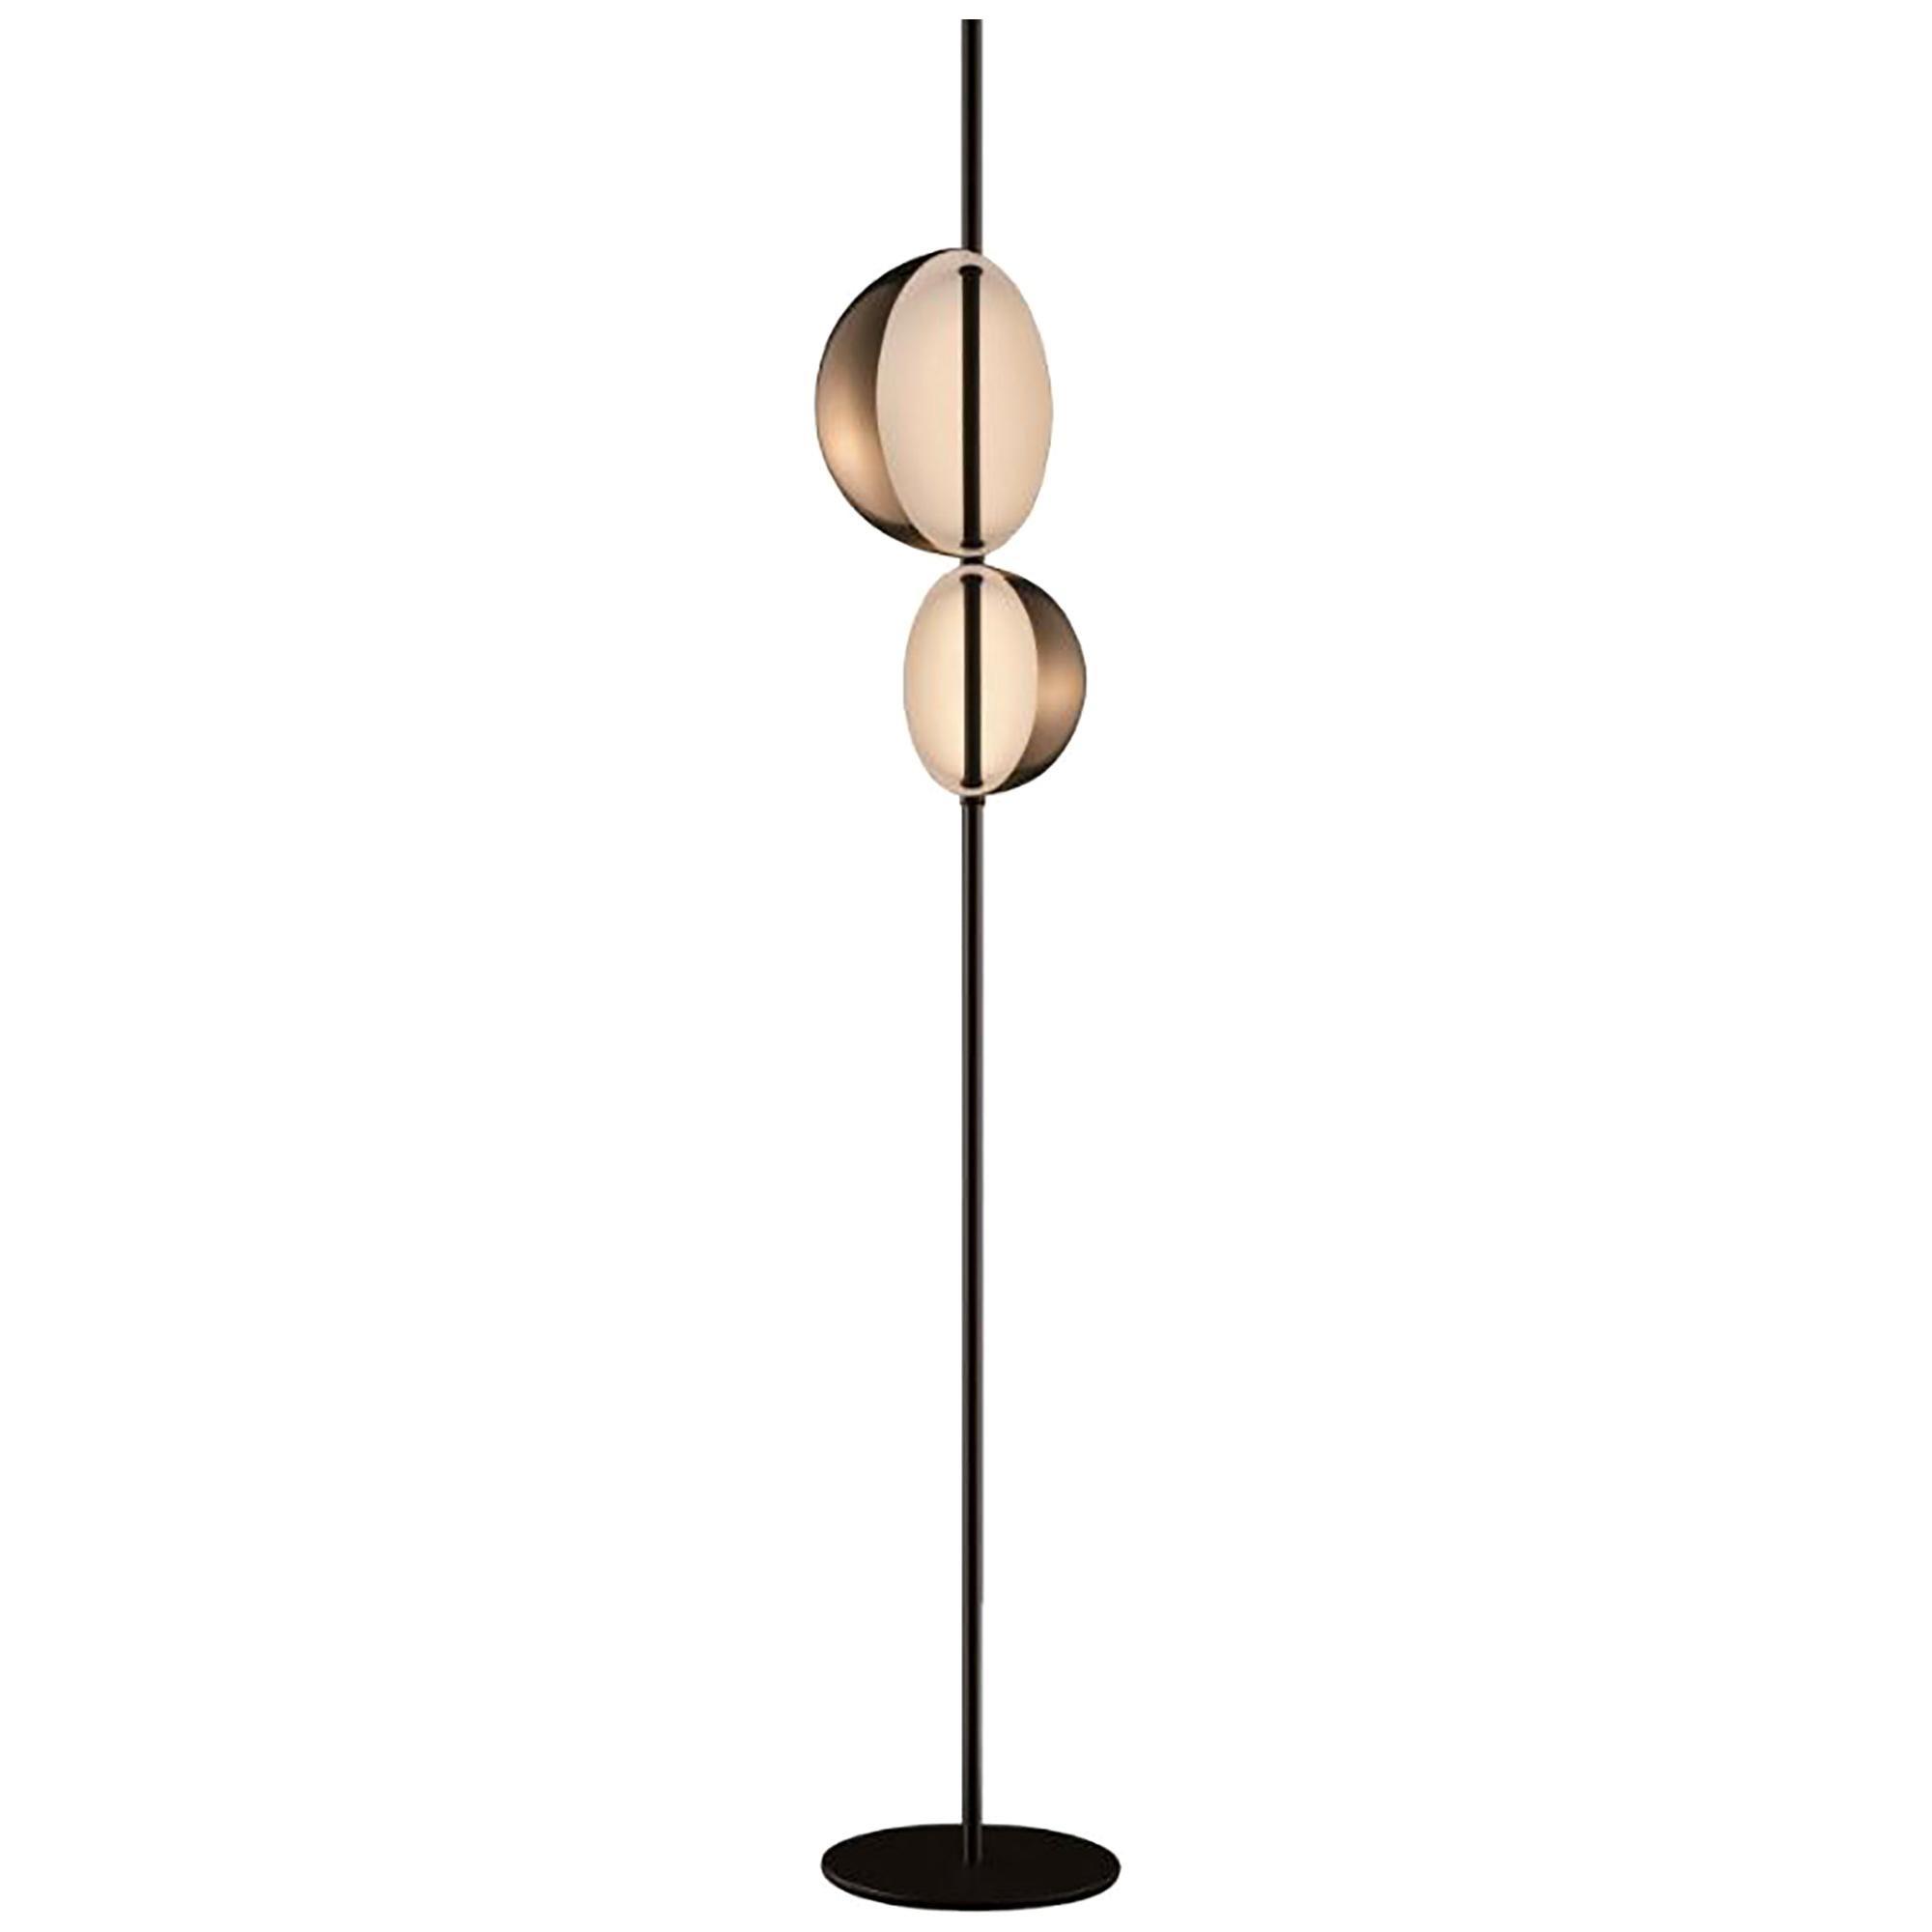 Superluna Floor Lamp by Victor Vasilev for Oluce